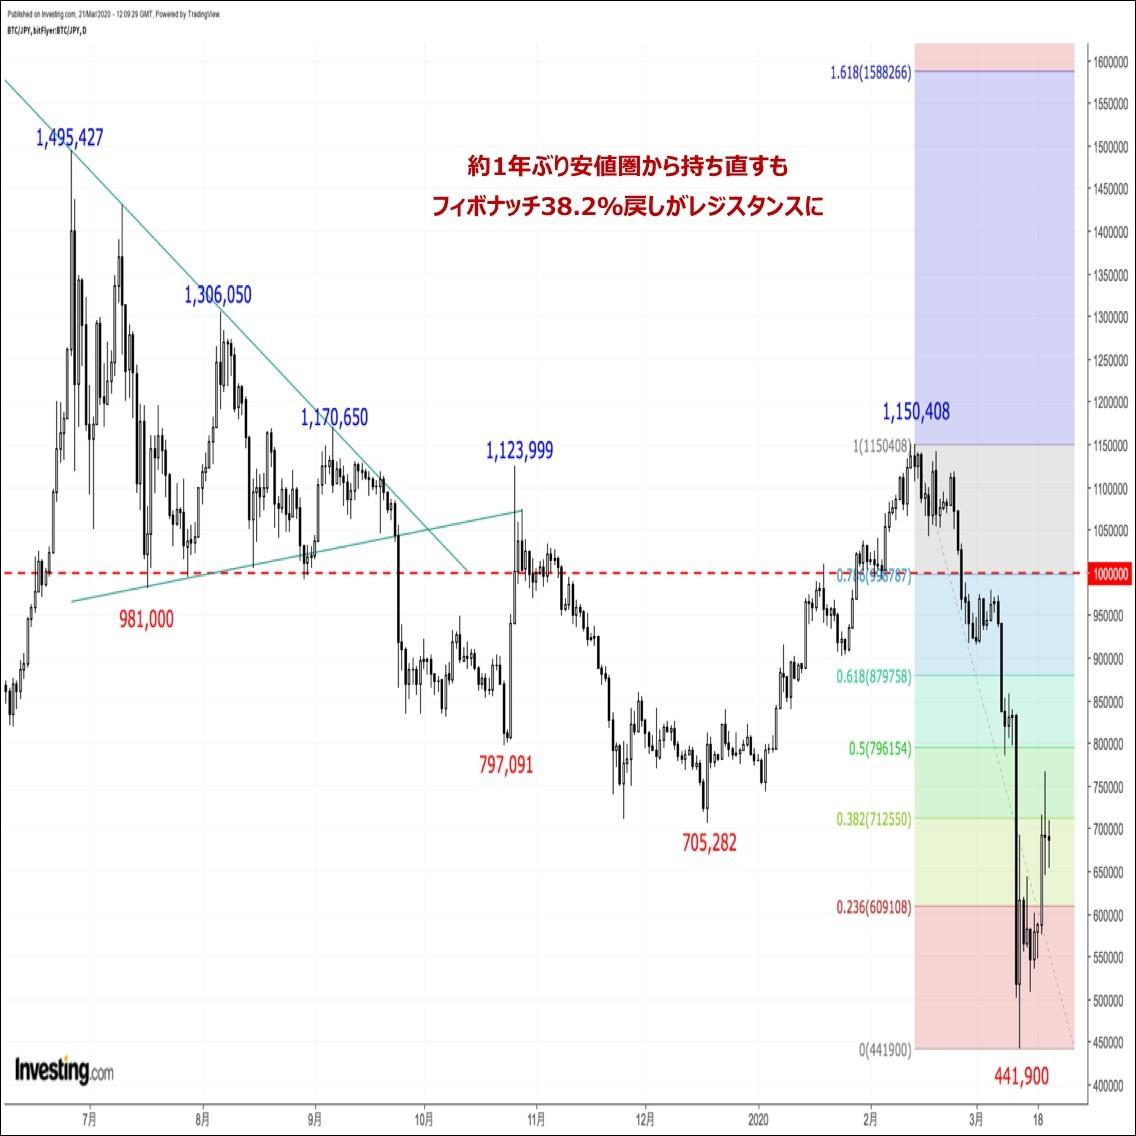 ビットコインの価格分析:『ショートカバー発動も戻りは鈍い。現金化需要は根強く、反落リスクに要注意』